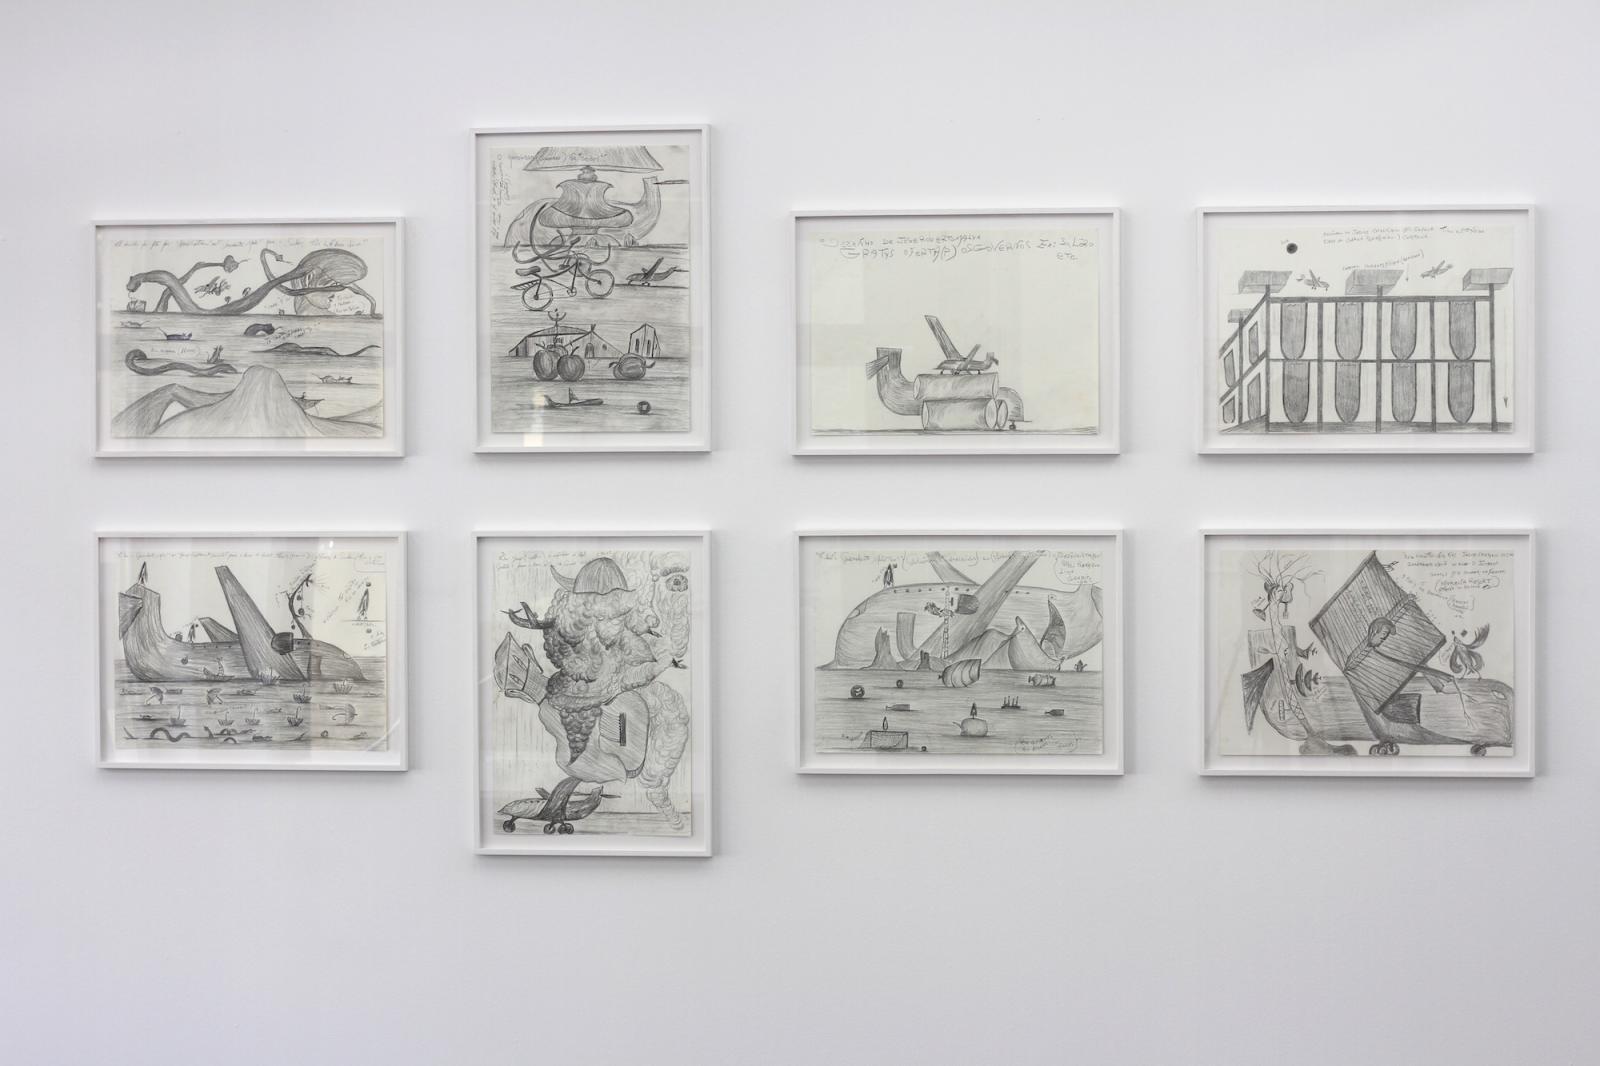 Jesuys Crystiano installation view at Delmes&Zander